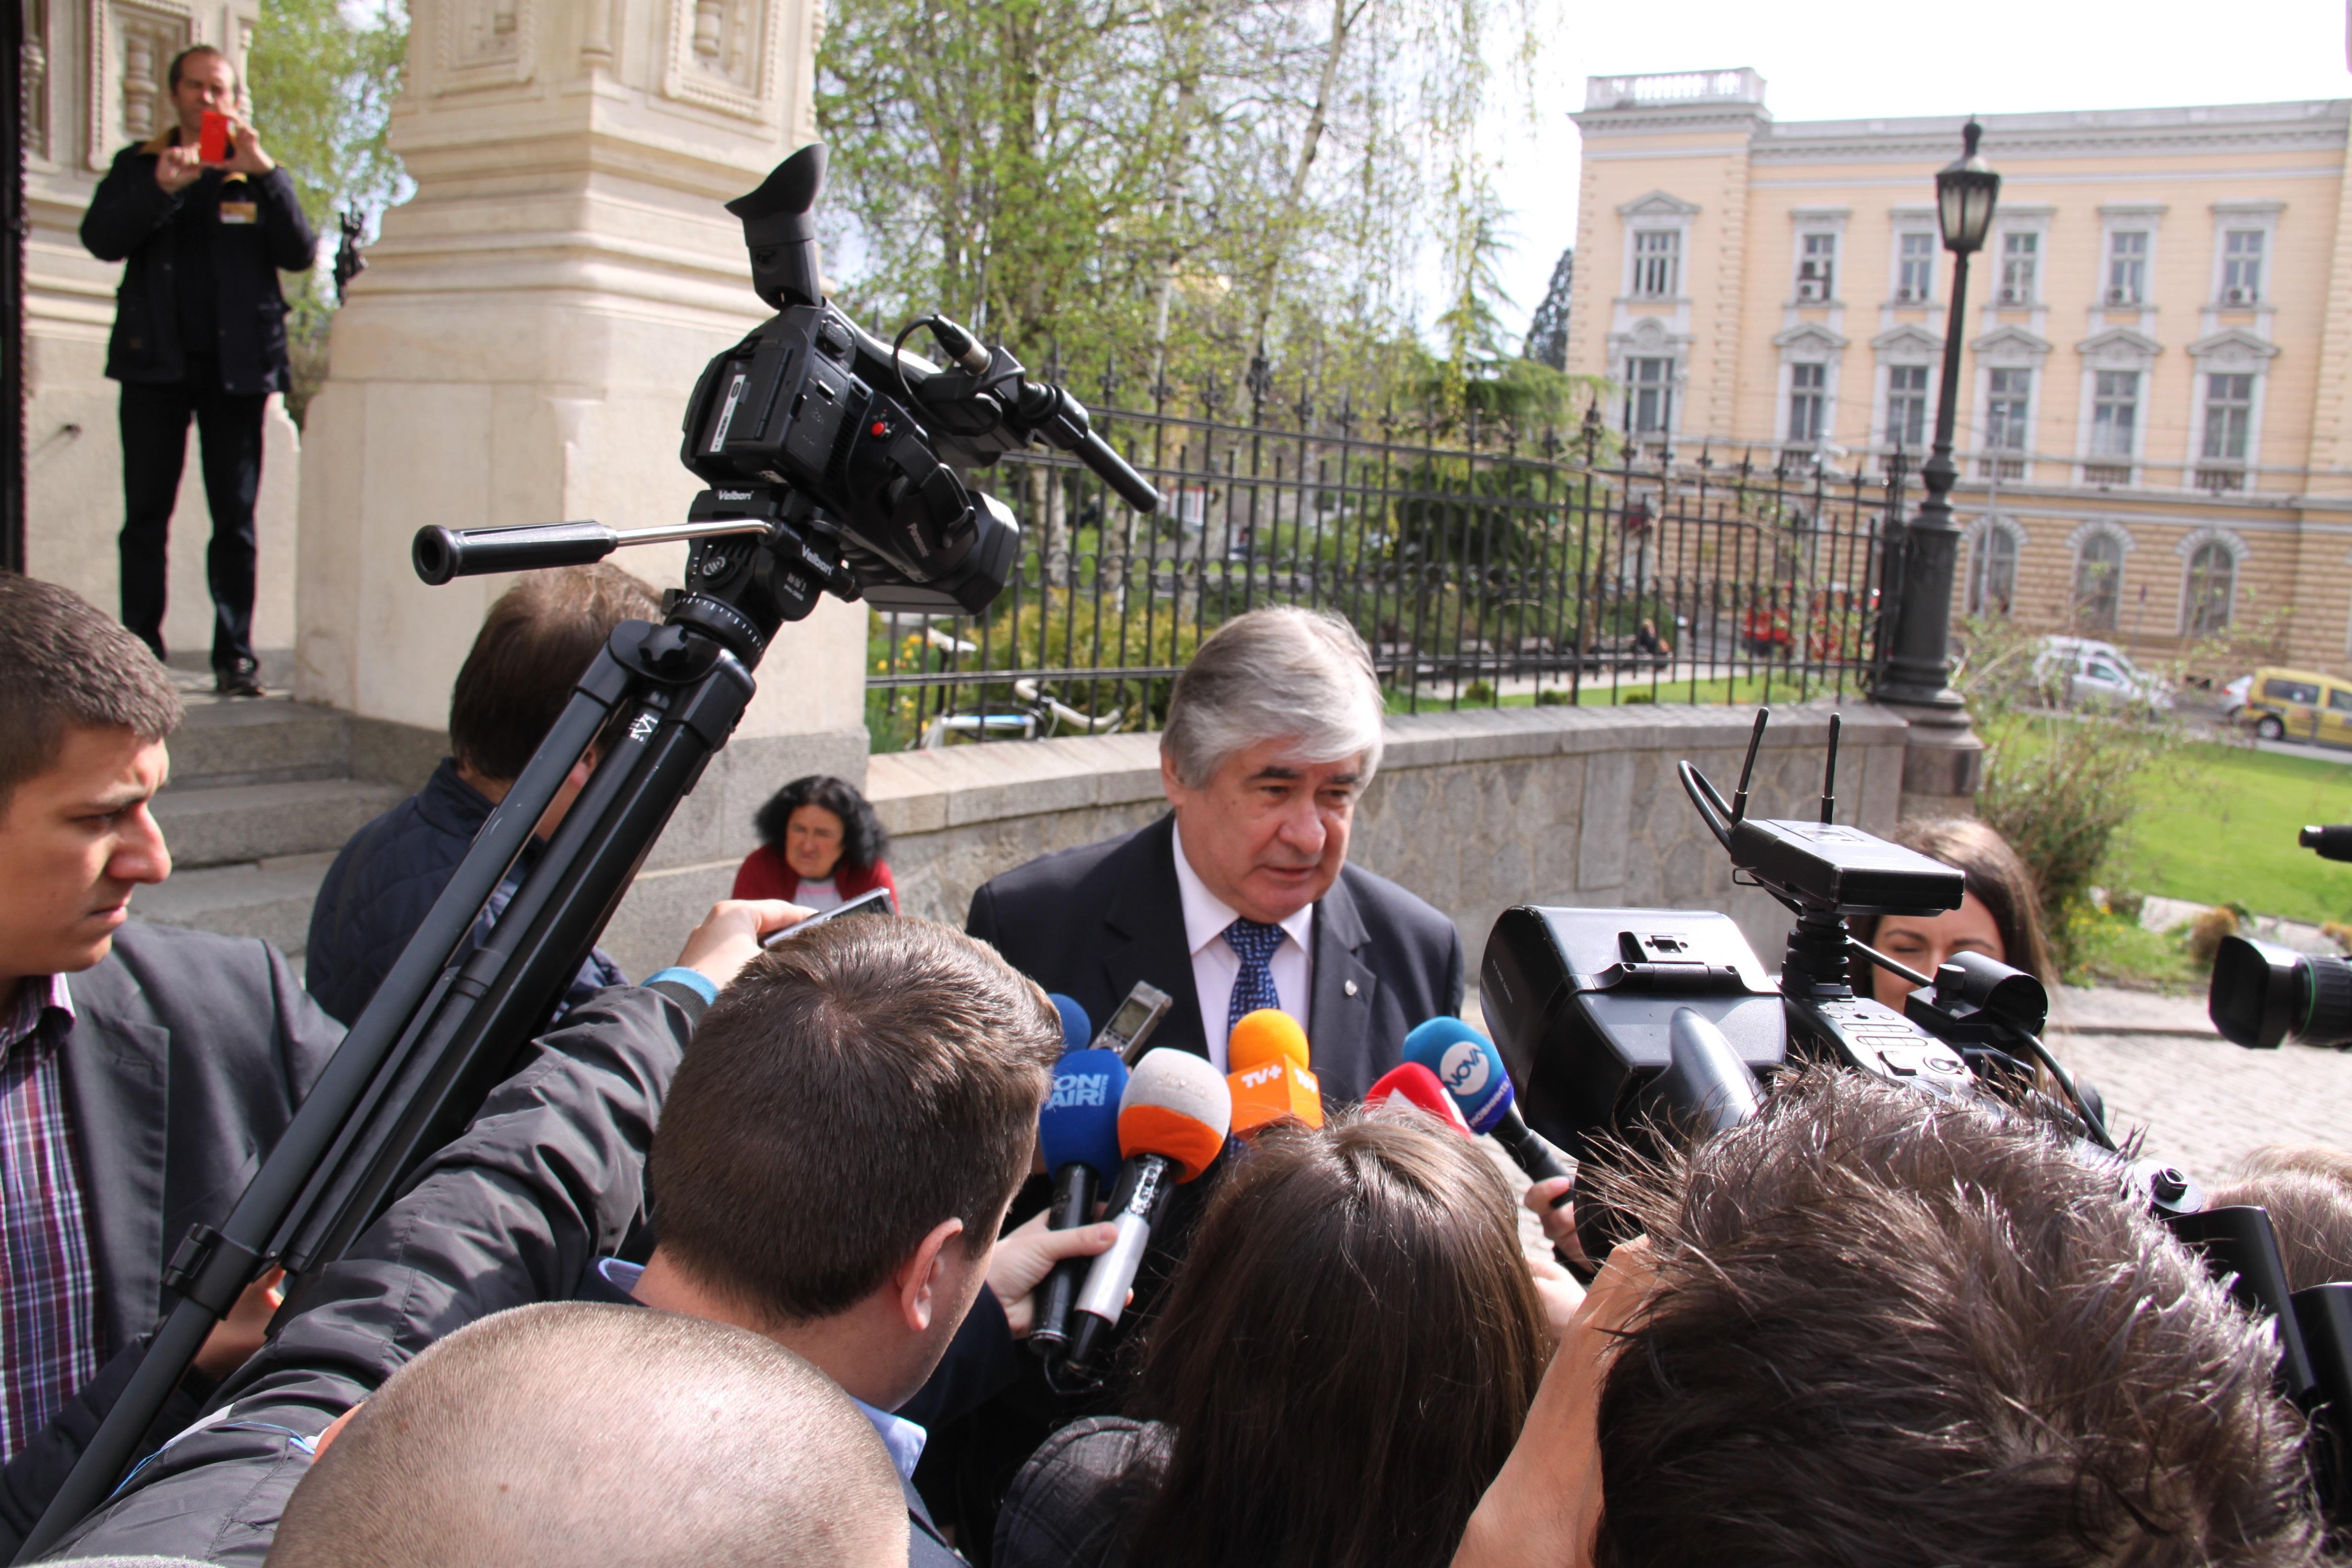 Посланикът на Русия в България н.пр. Анатолий Макаров пред Руската църква в София. Снимка: Десислава Бонева